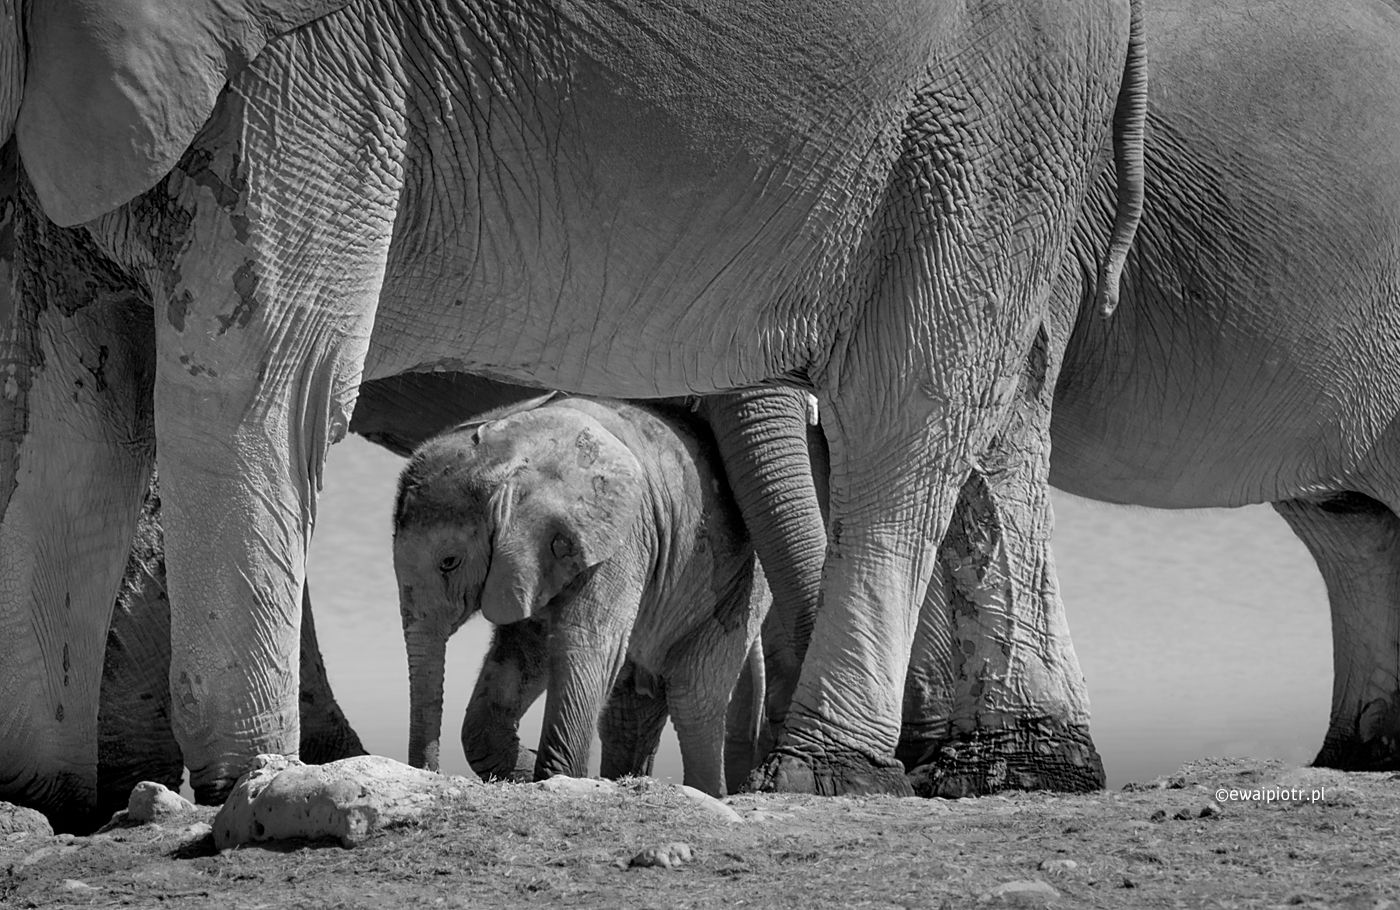 Otoczony opieką, Namibia, mały słoń pod brzuchem mamy